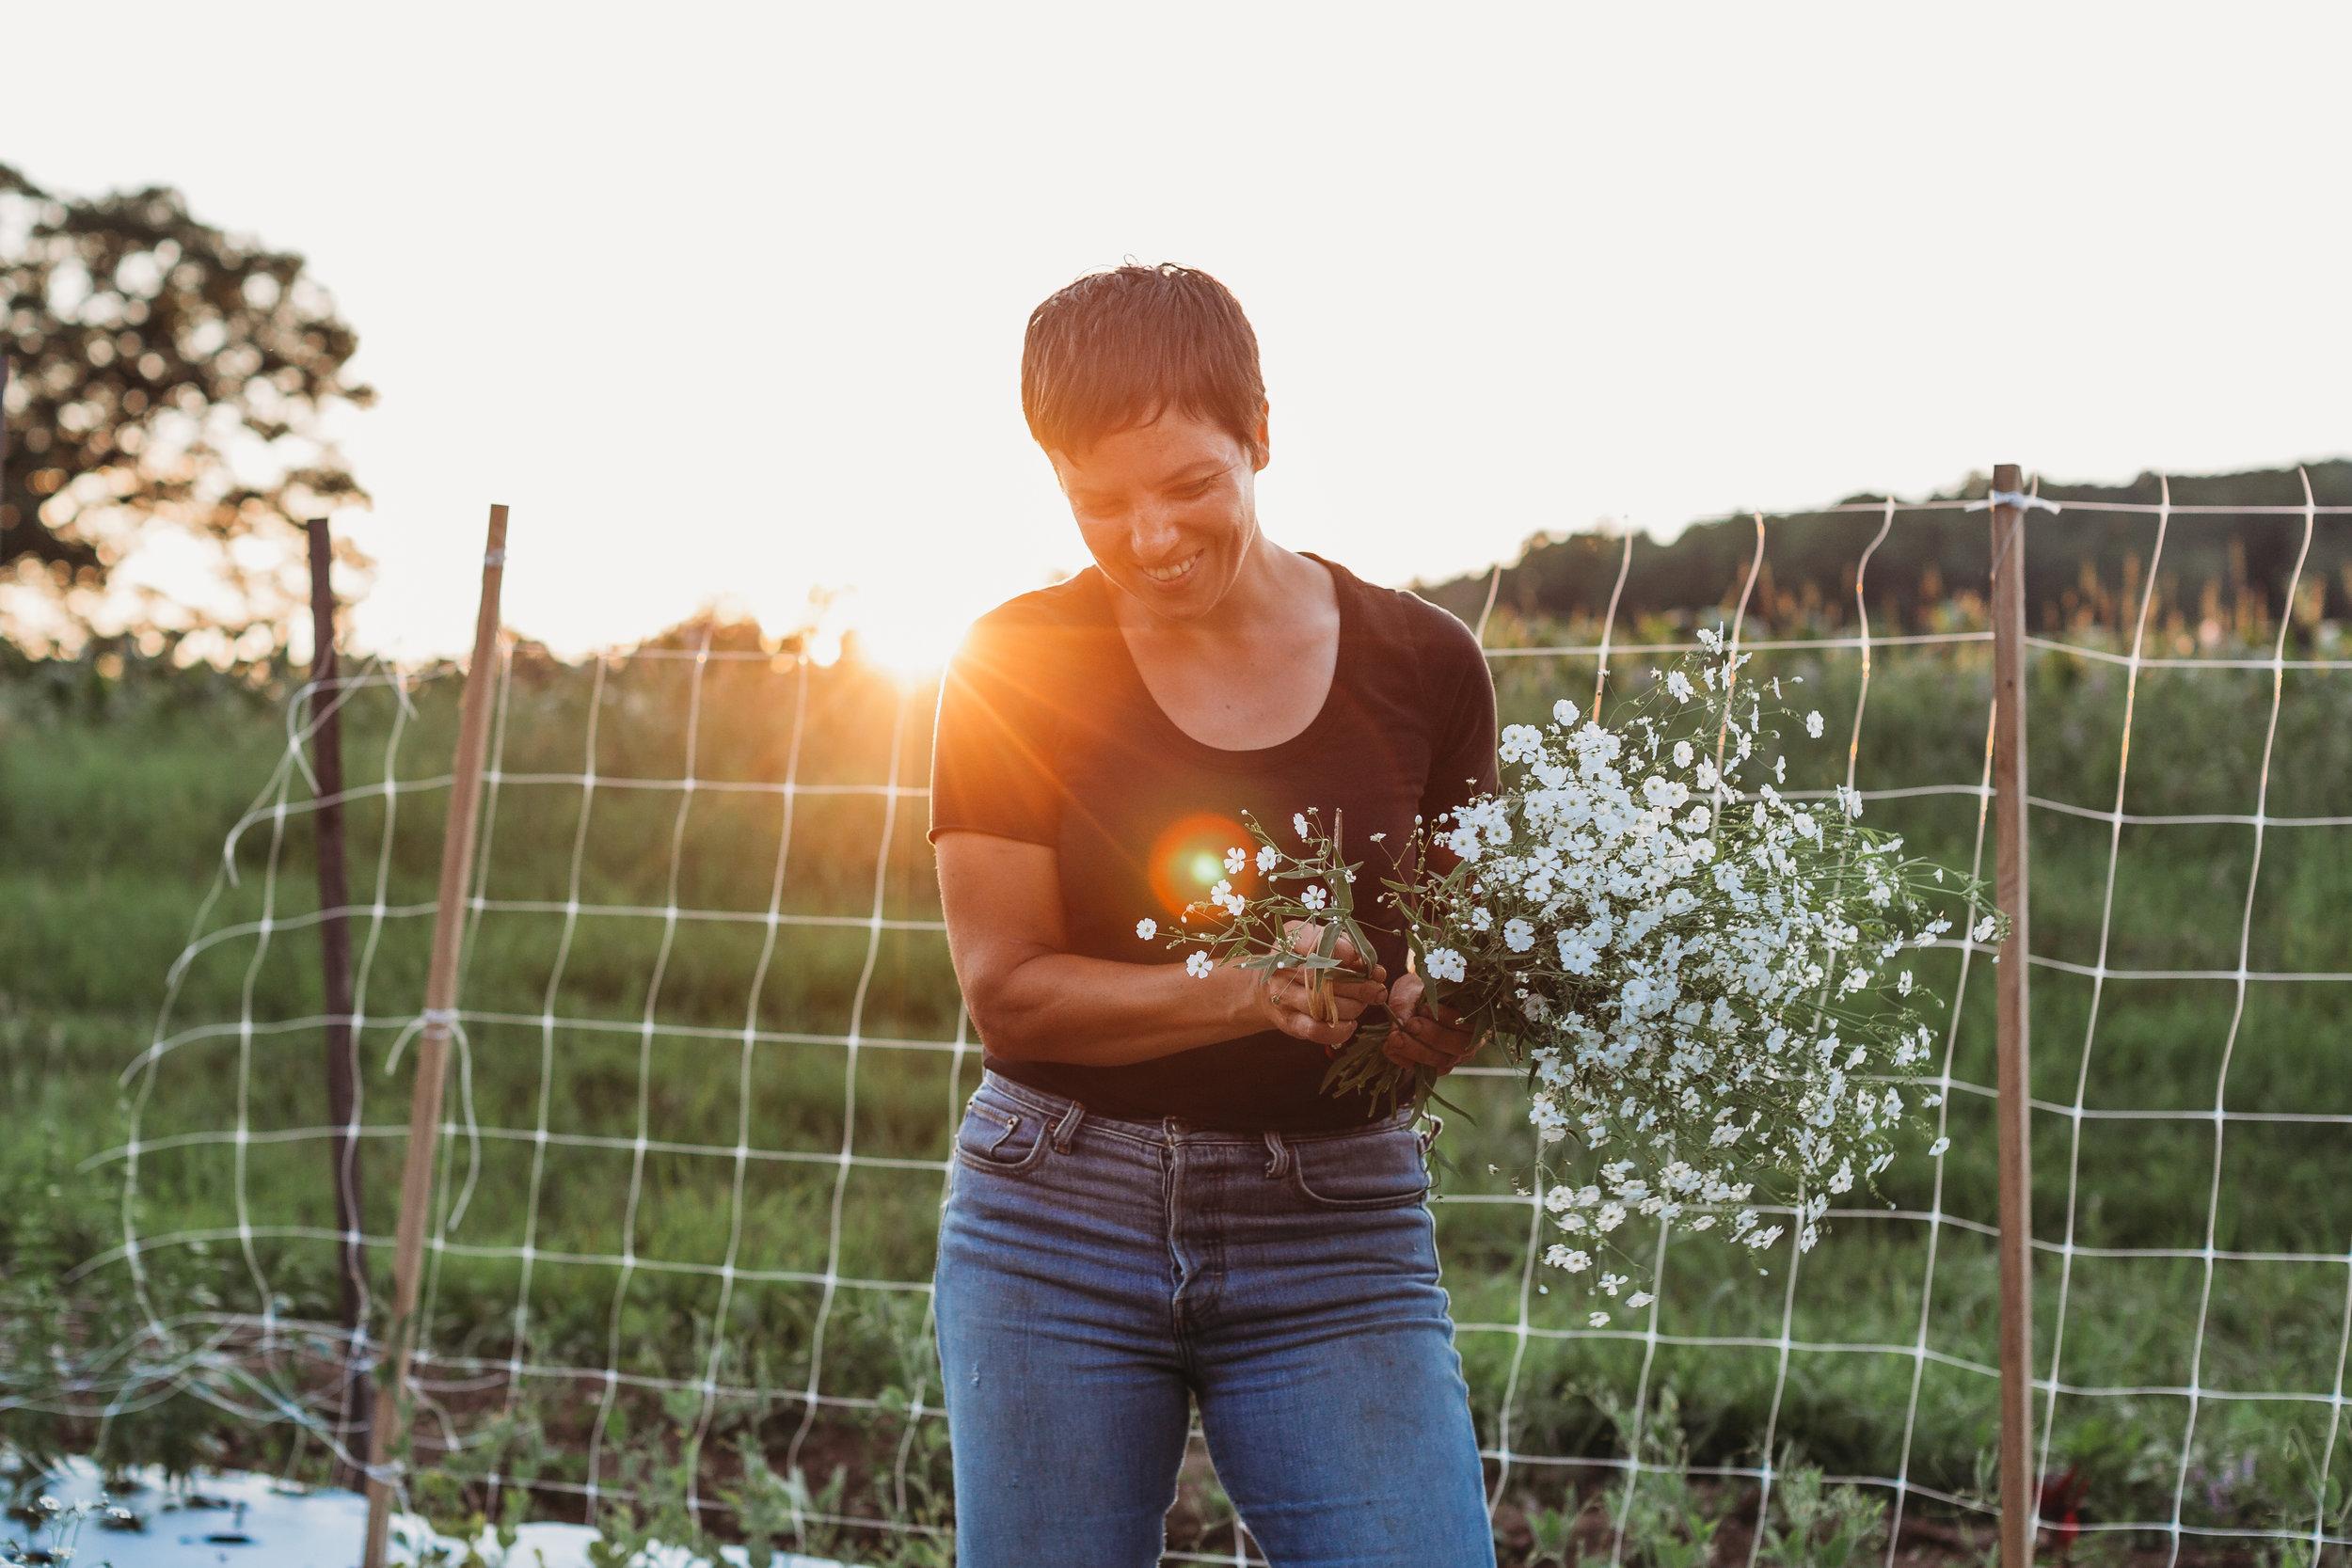 Greater Boston Farmer branding photo shoot